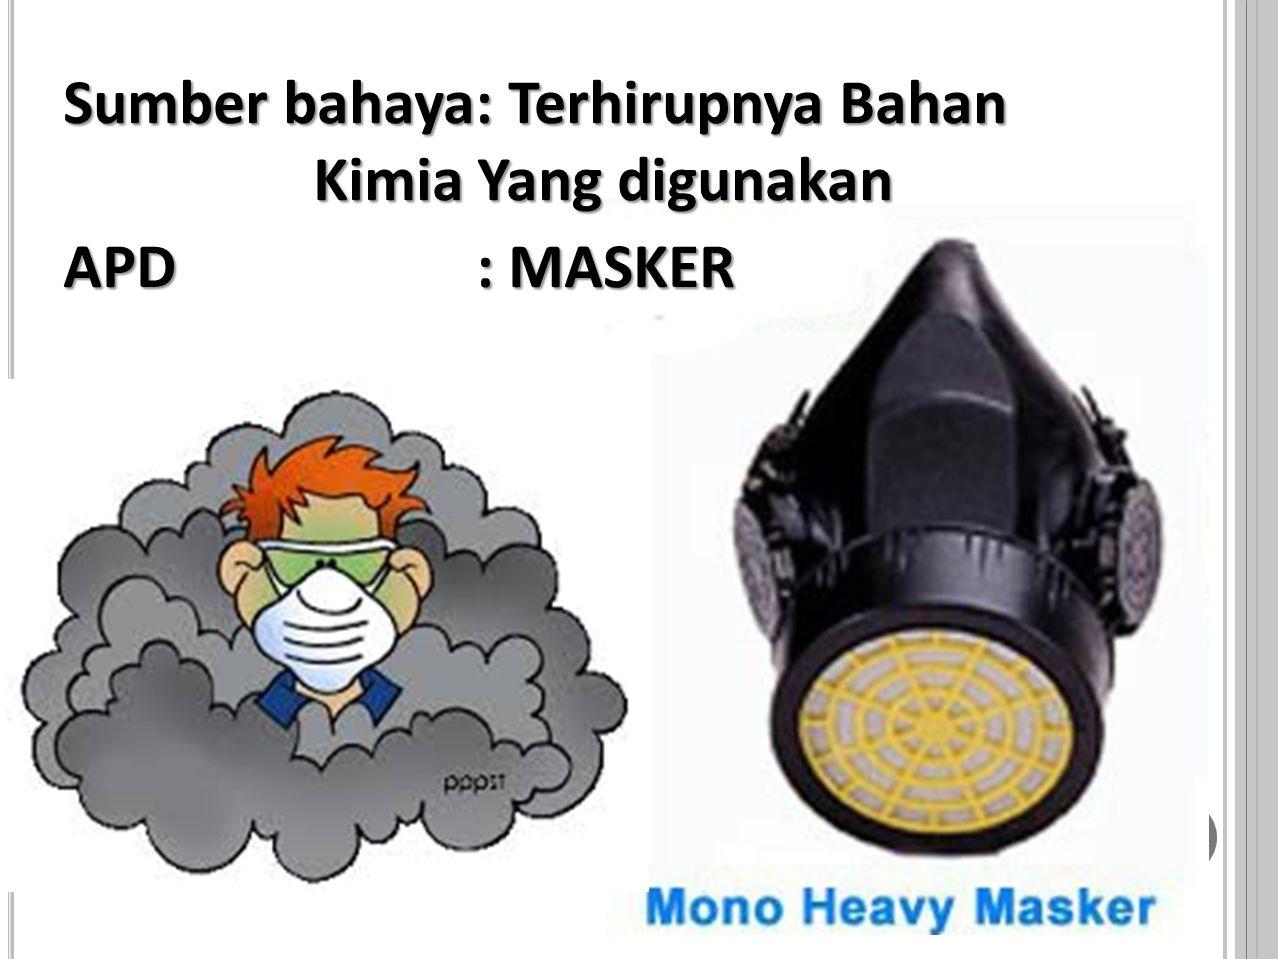 Sumber bahaya: Terhirupnya Bahan Kimia Yang digunakan APD : MASKER